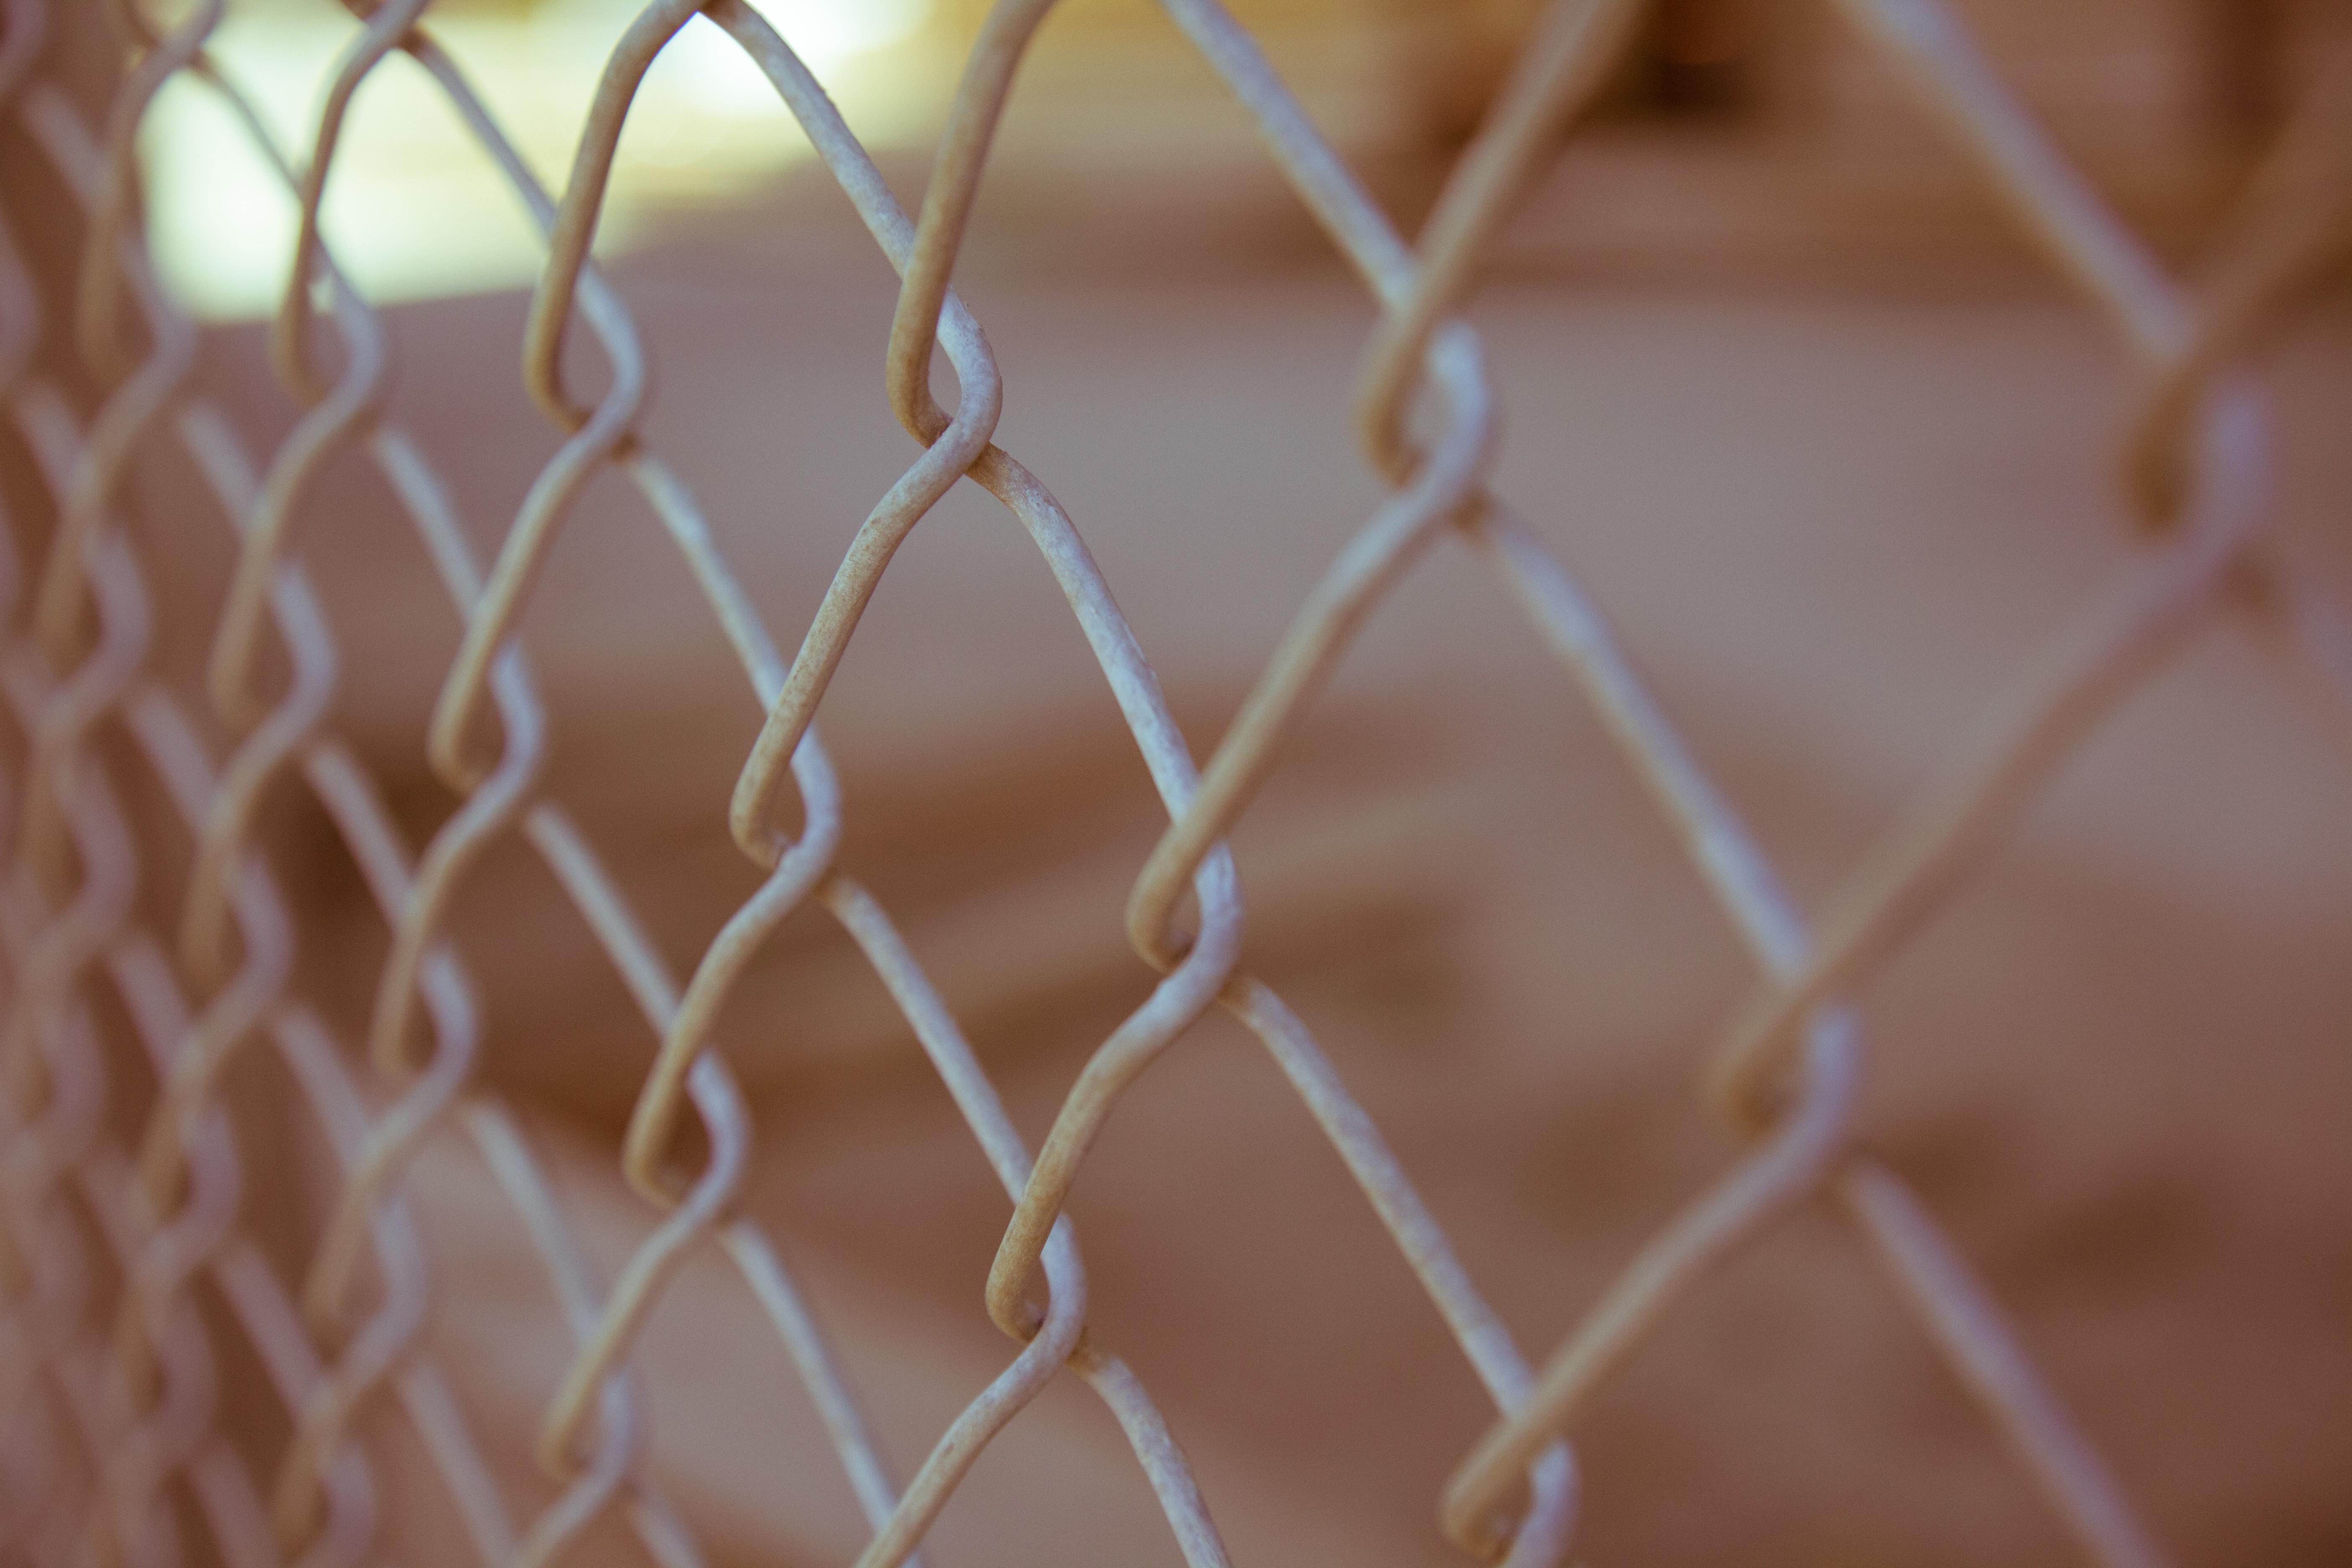 fence on unsplsh